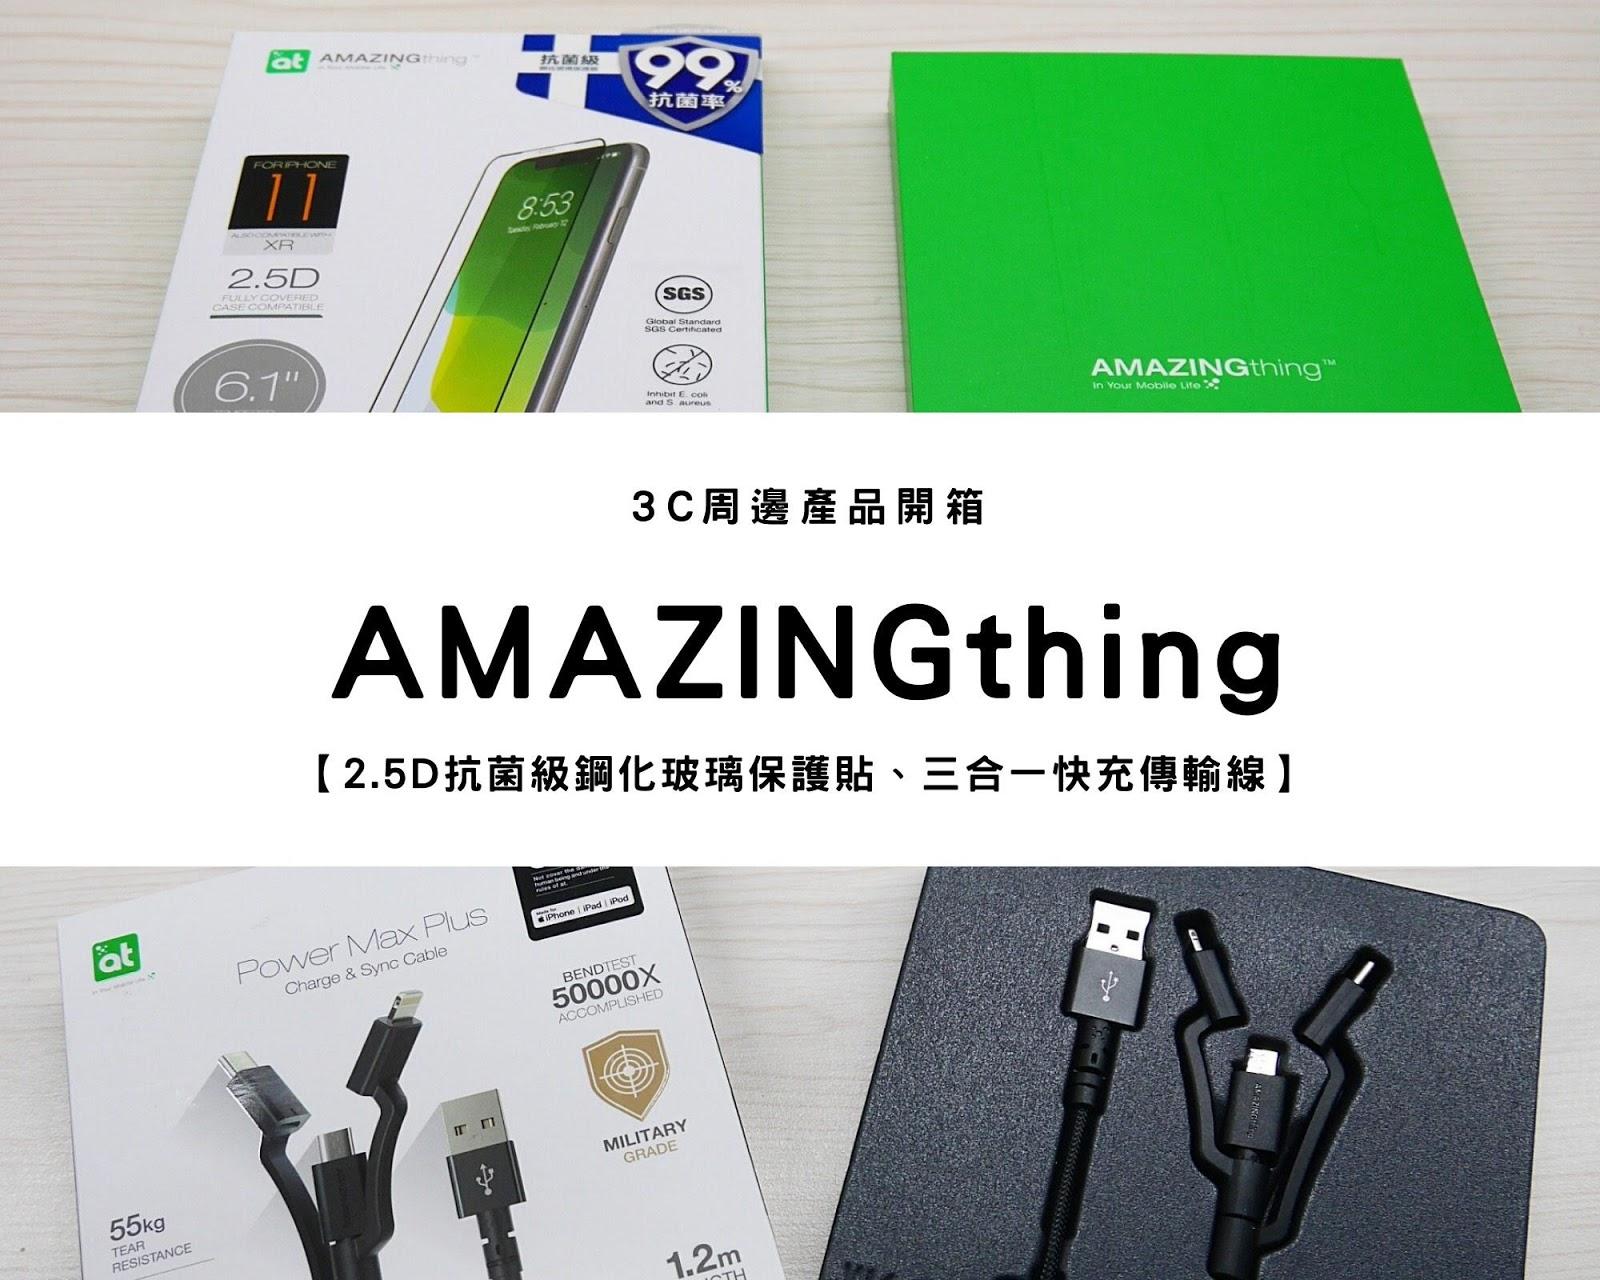 【3C周邊開箱】AMAZINGthing|iPhone推薦 2.5D抗菌級鋼化玻璃保護貼、三合一快充傳輸線